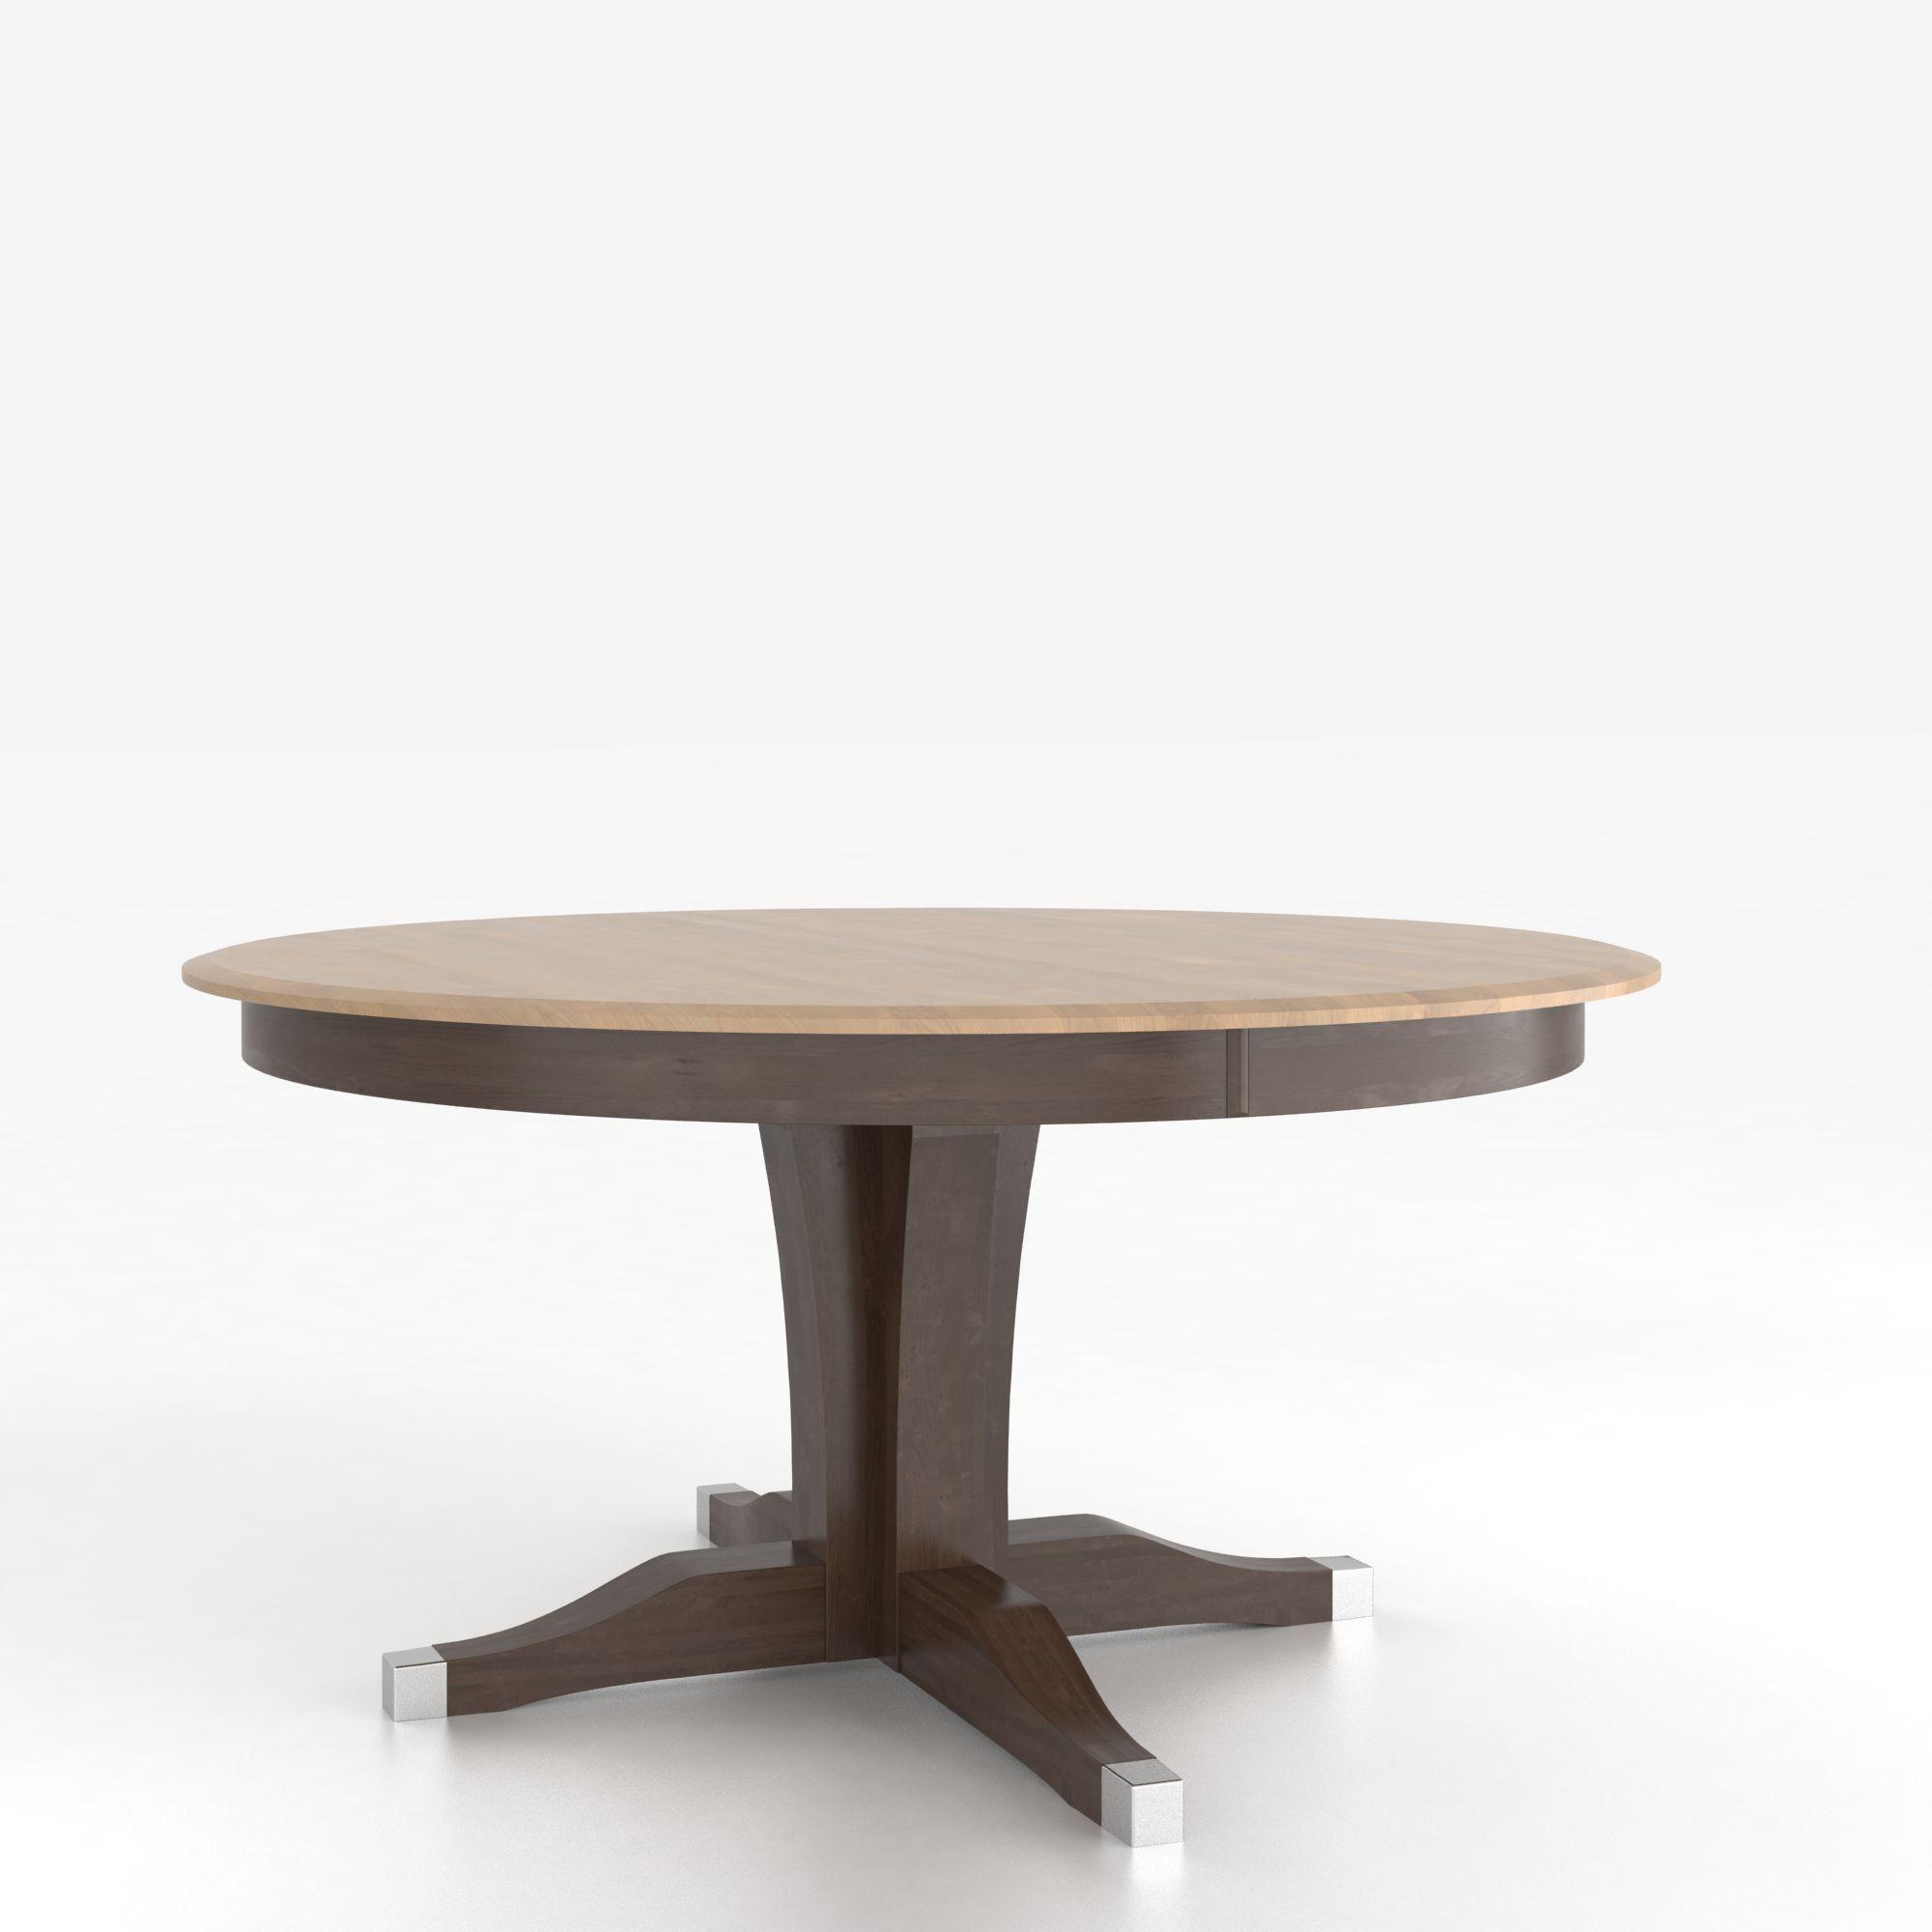 Canadel custom dining tables trn060602029mxabf for Custom dining room tables